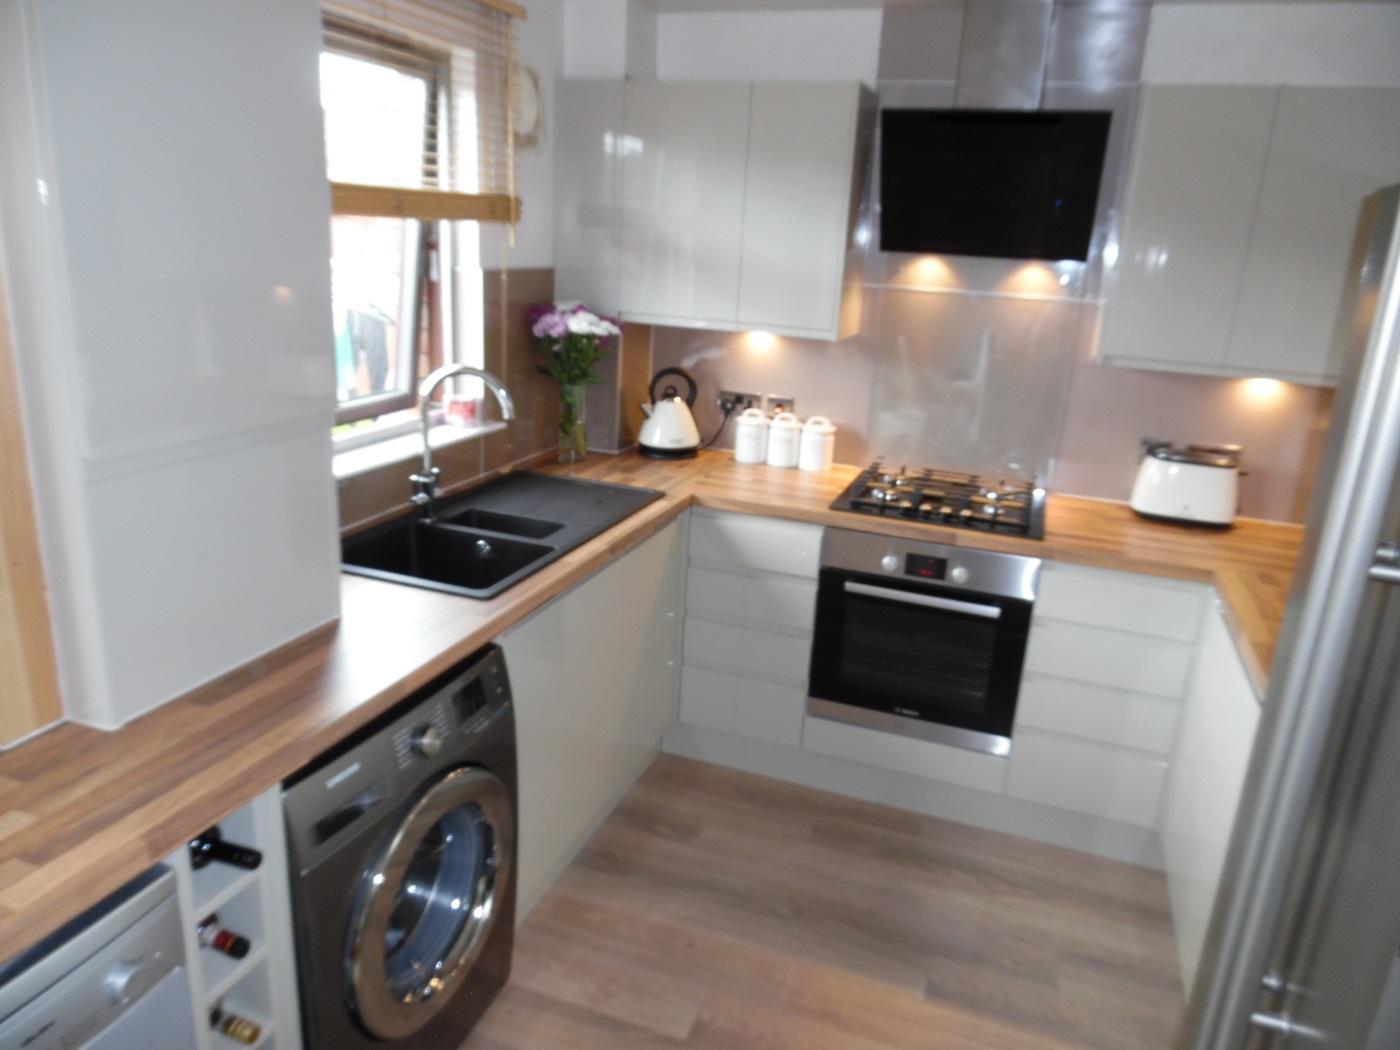 Modern boiler housing